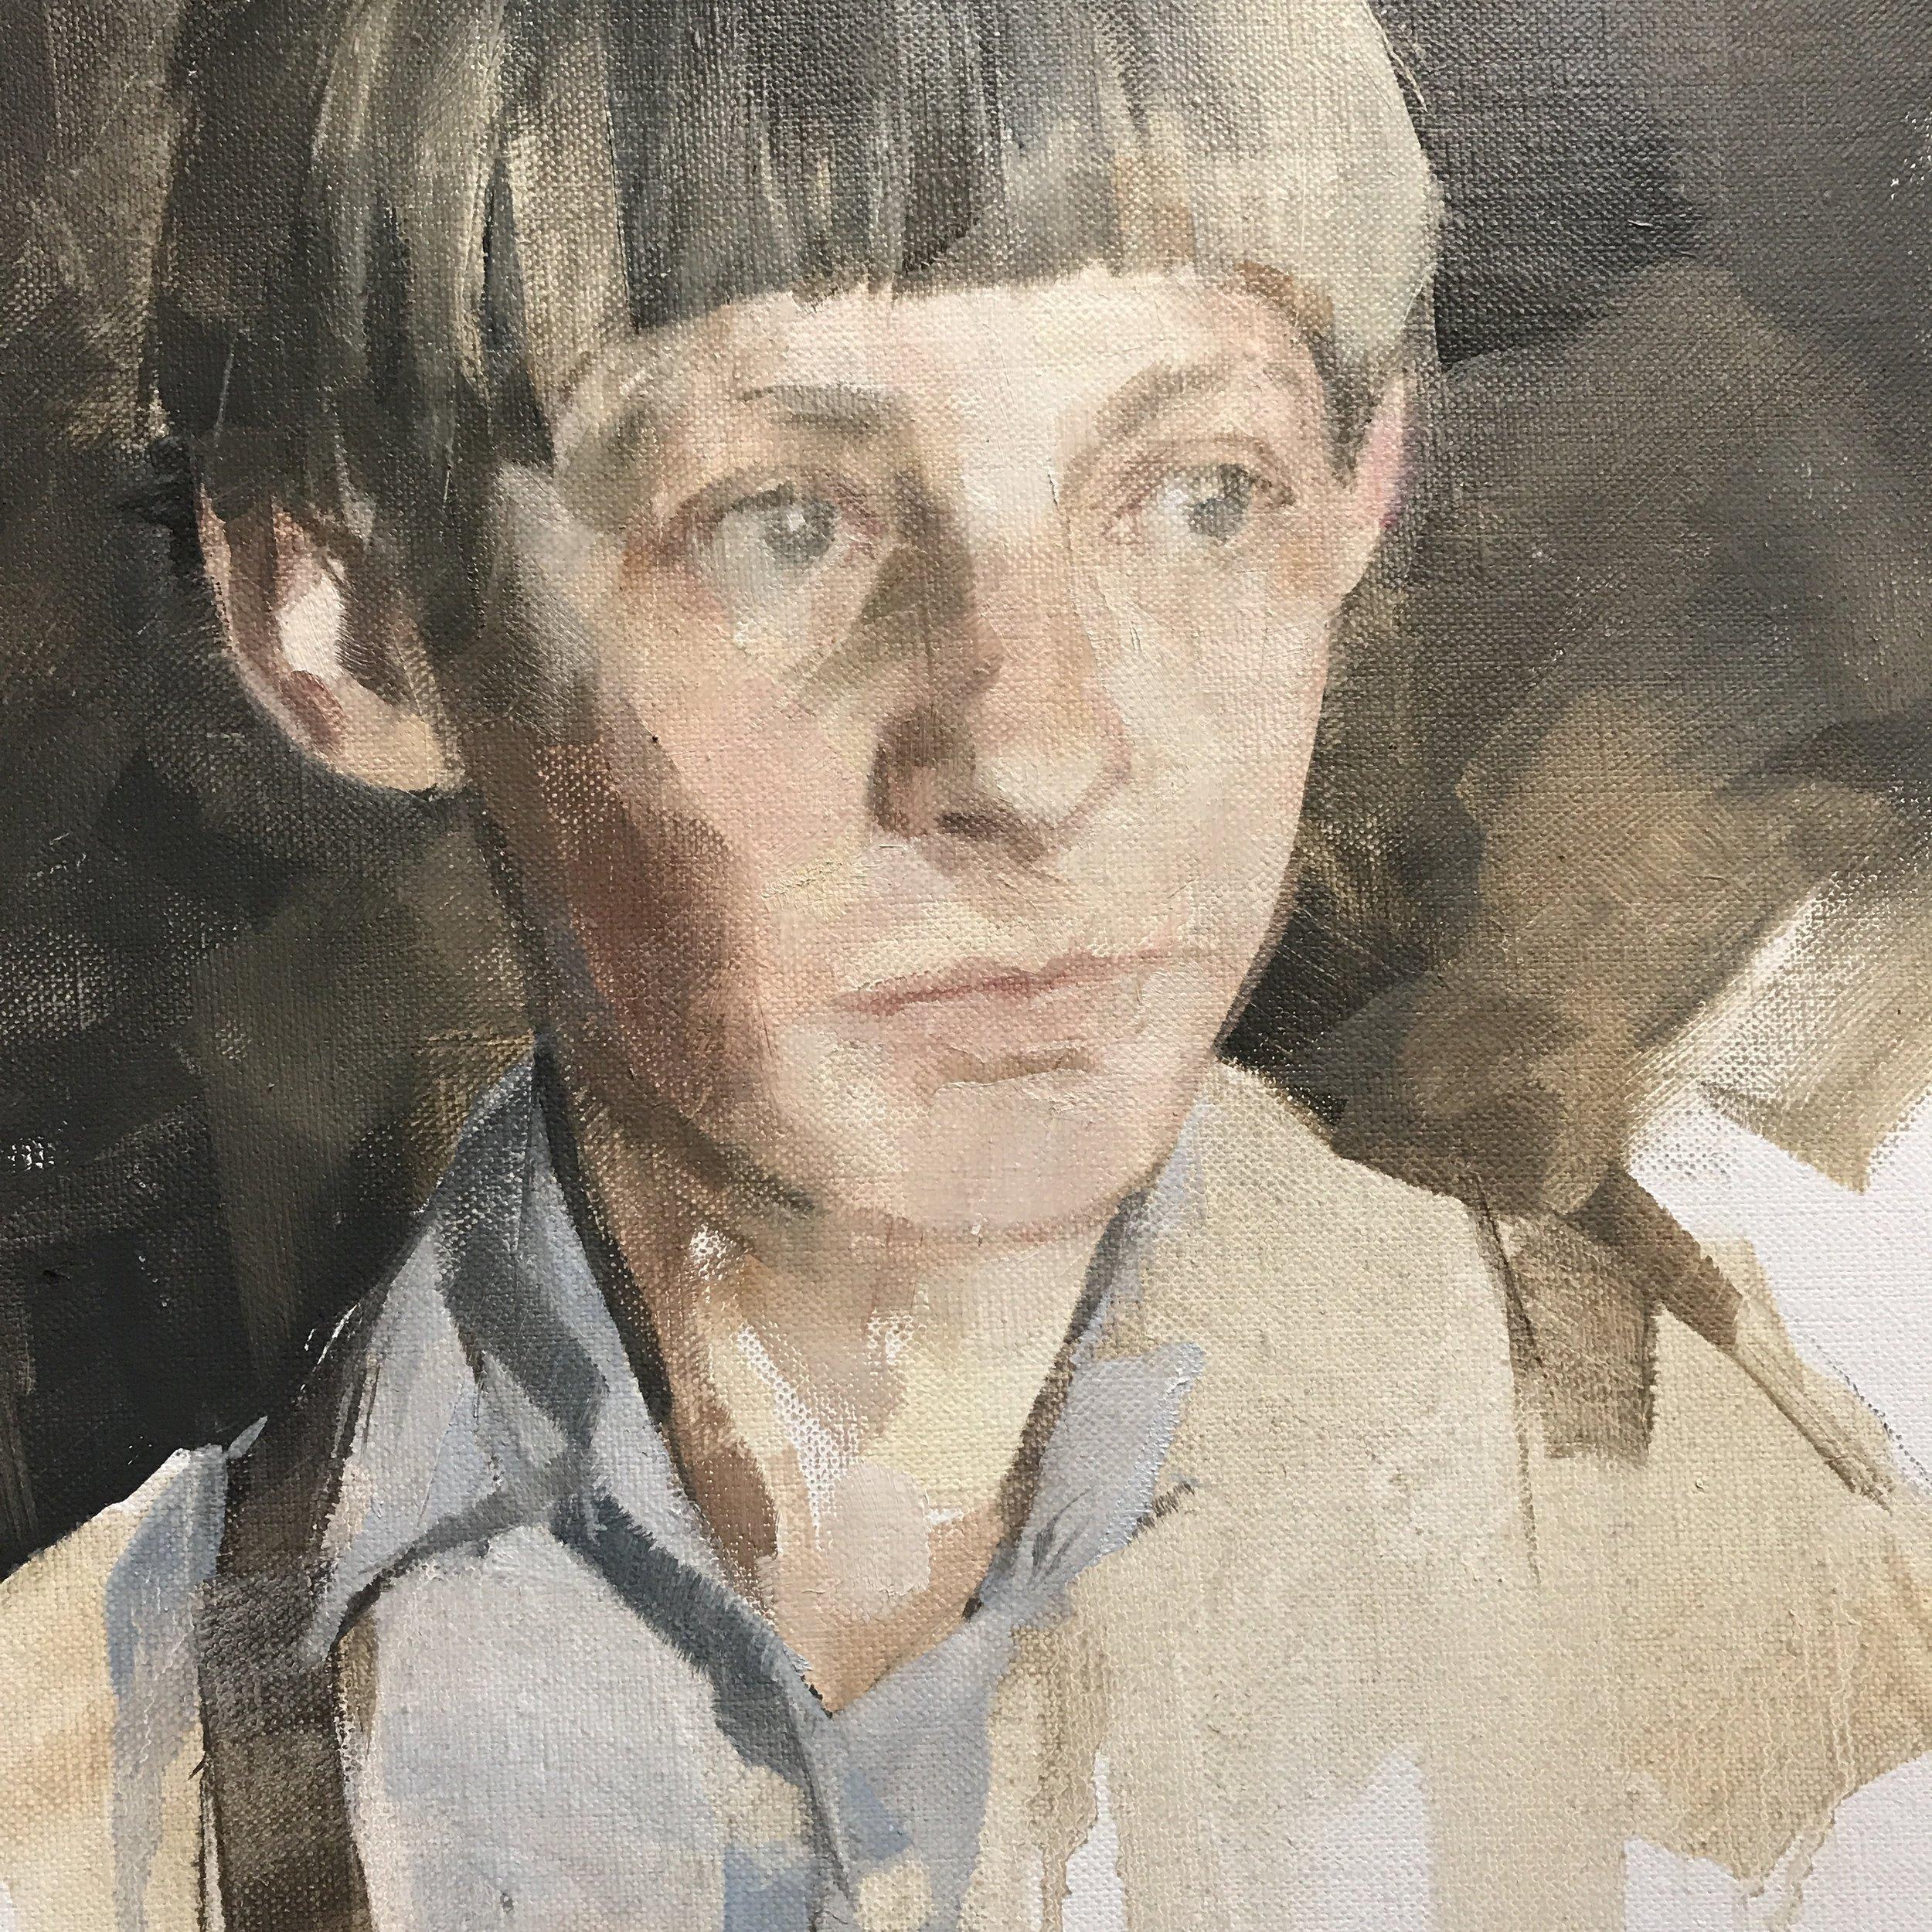 Martin-Brooks-Amish-Boy-I-Detail-oil-on-linen-40cmx40cm.jpg